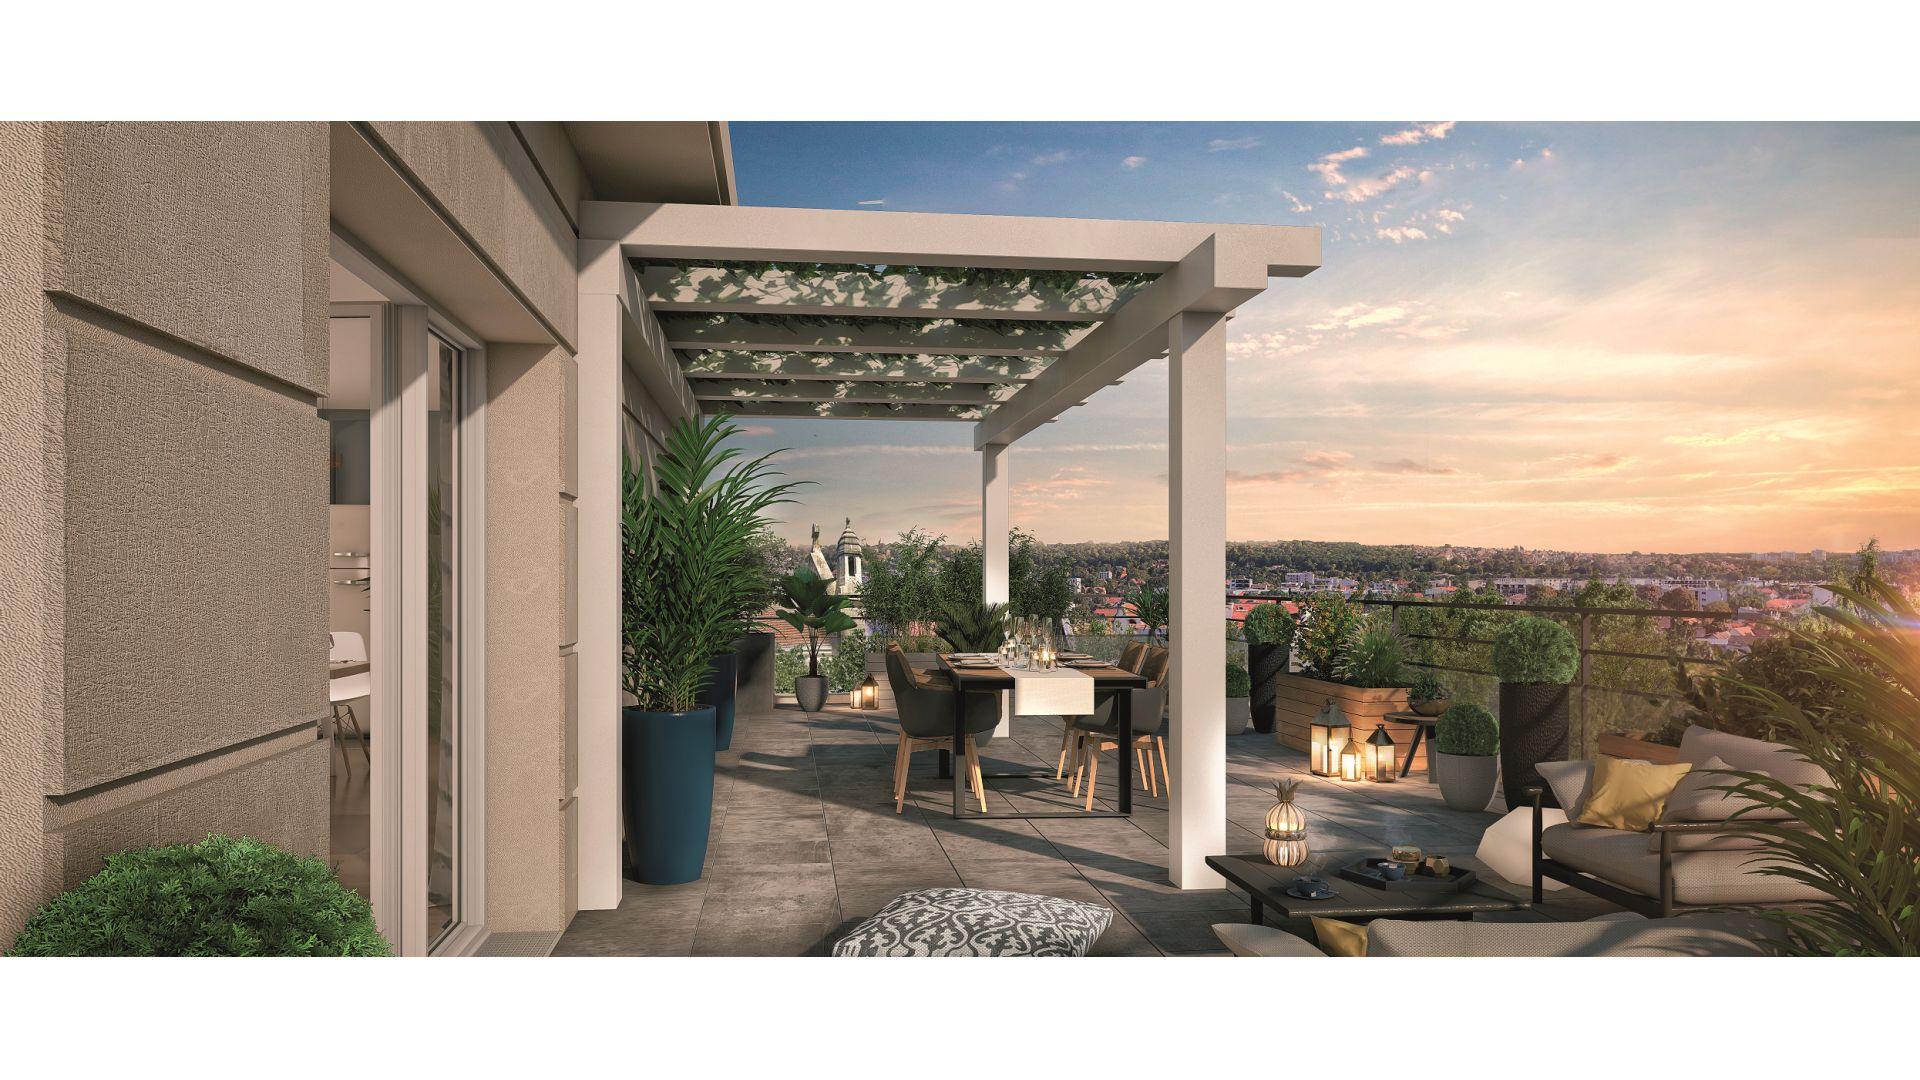 Greencity Immobilier - Square Kennedy - achat appartements du T1 bis au T5 duplex - Saint-Maur des Fossés 94100 - vue intérieure